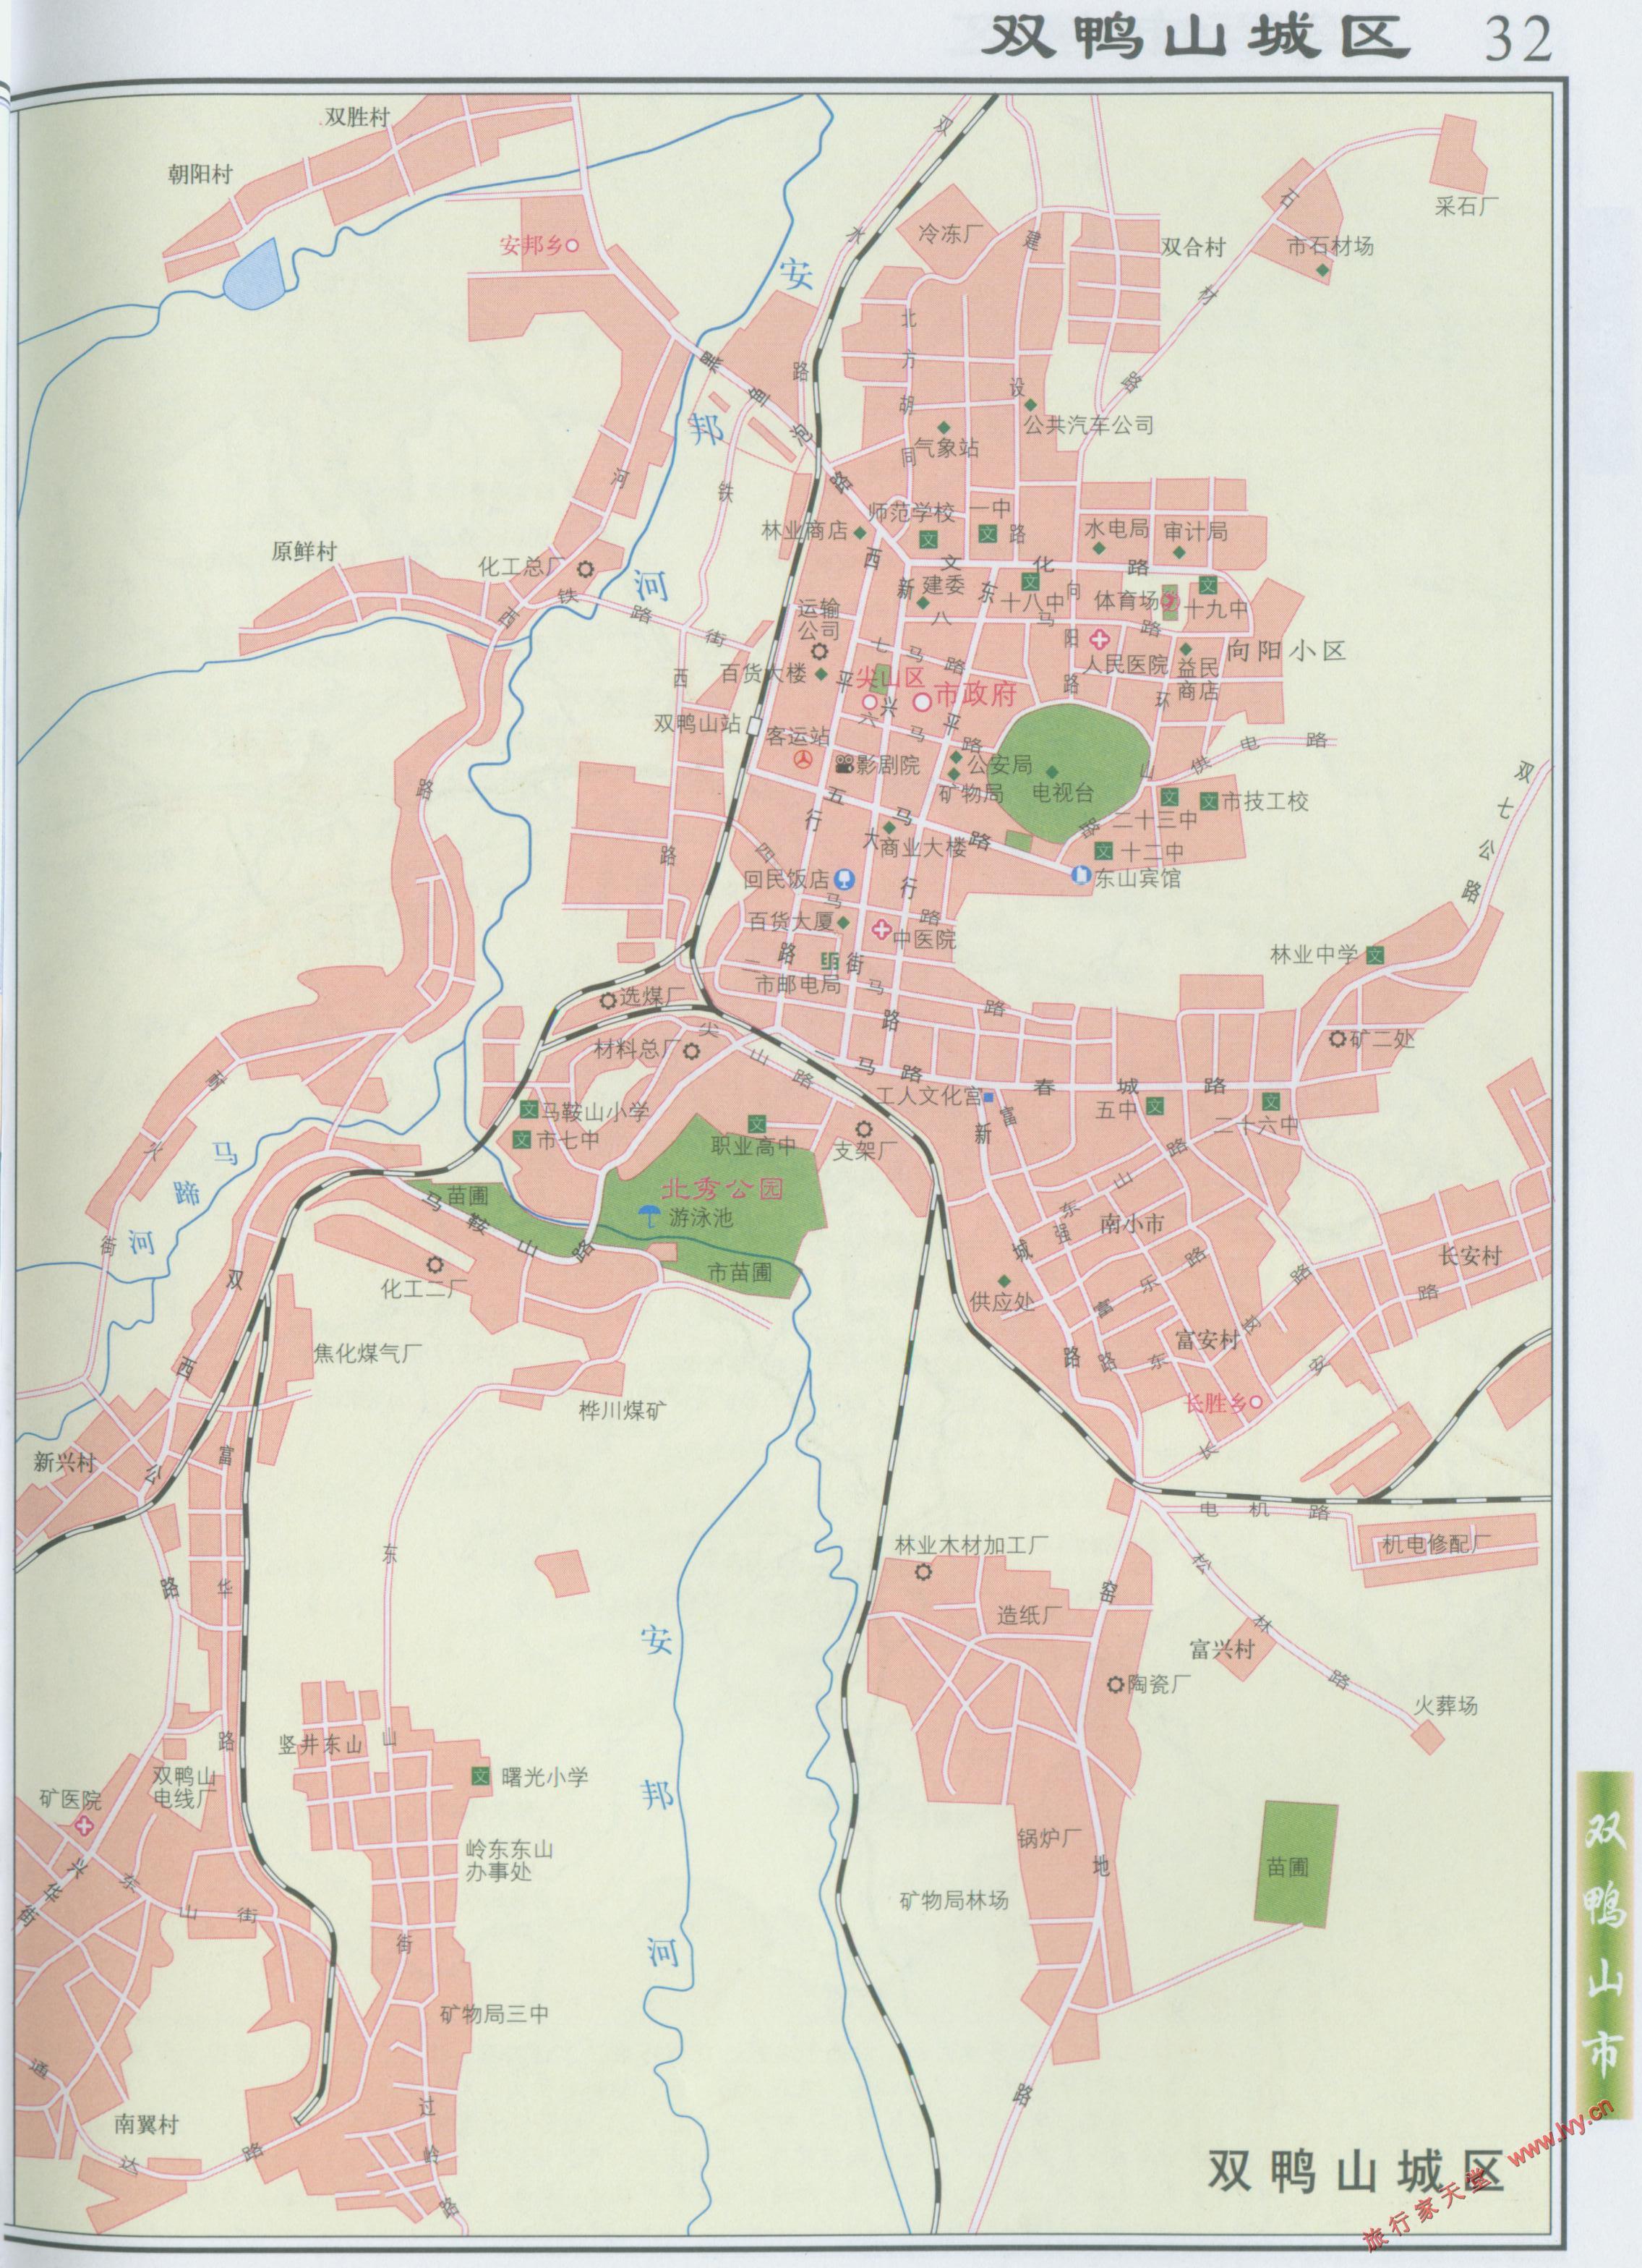 双鸭山市市区地图_双鸭山市地图查询